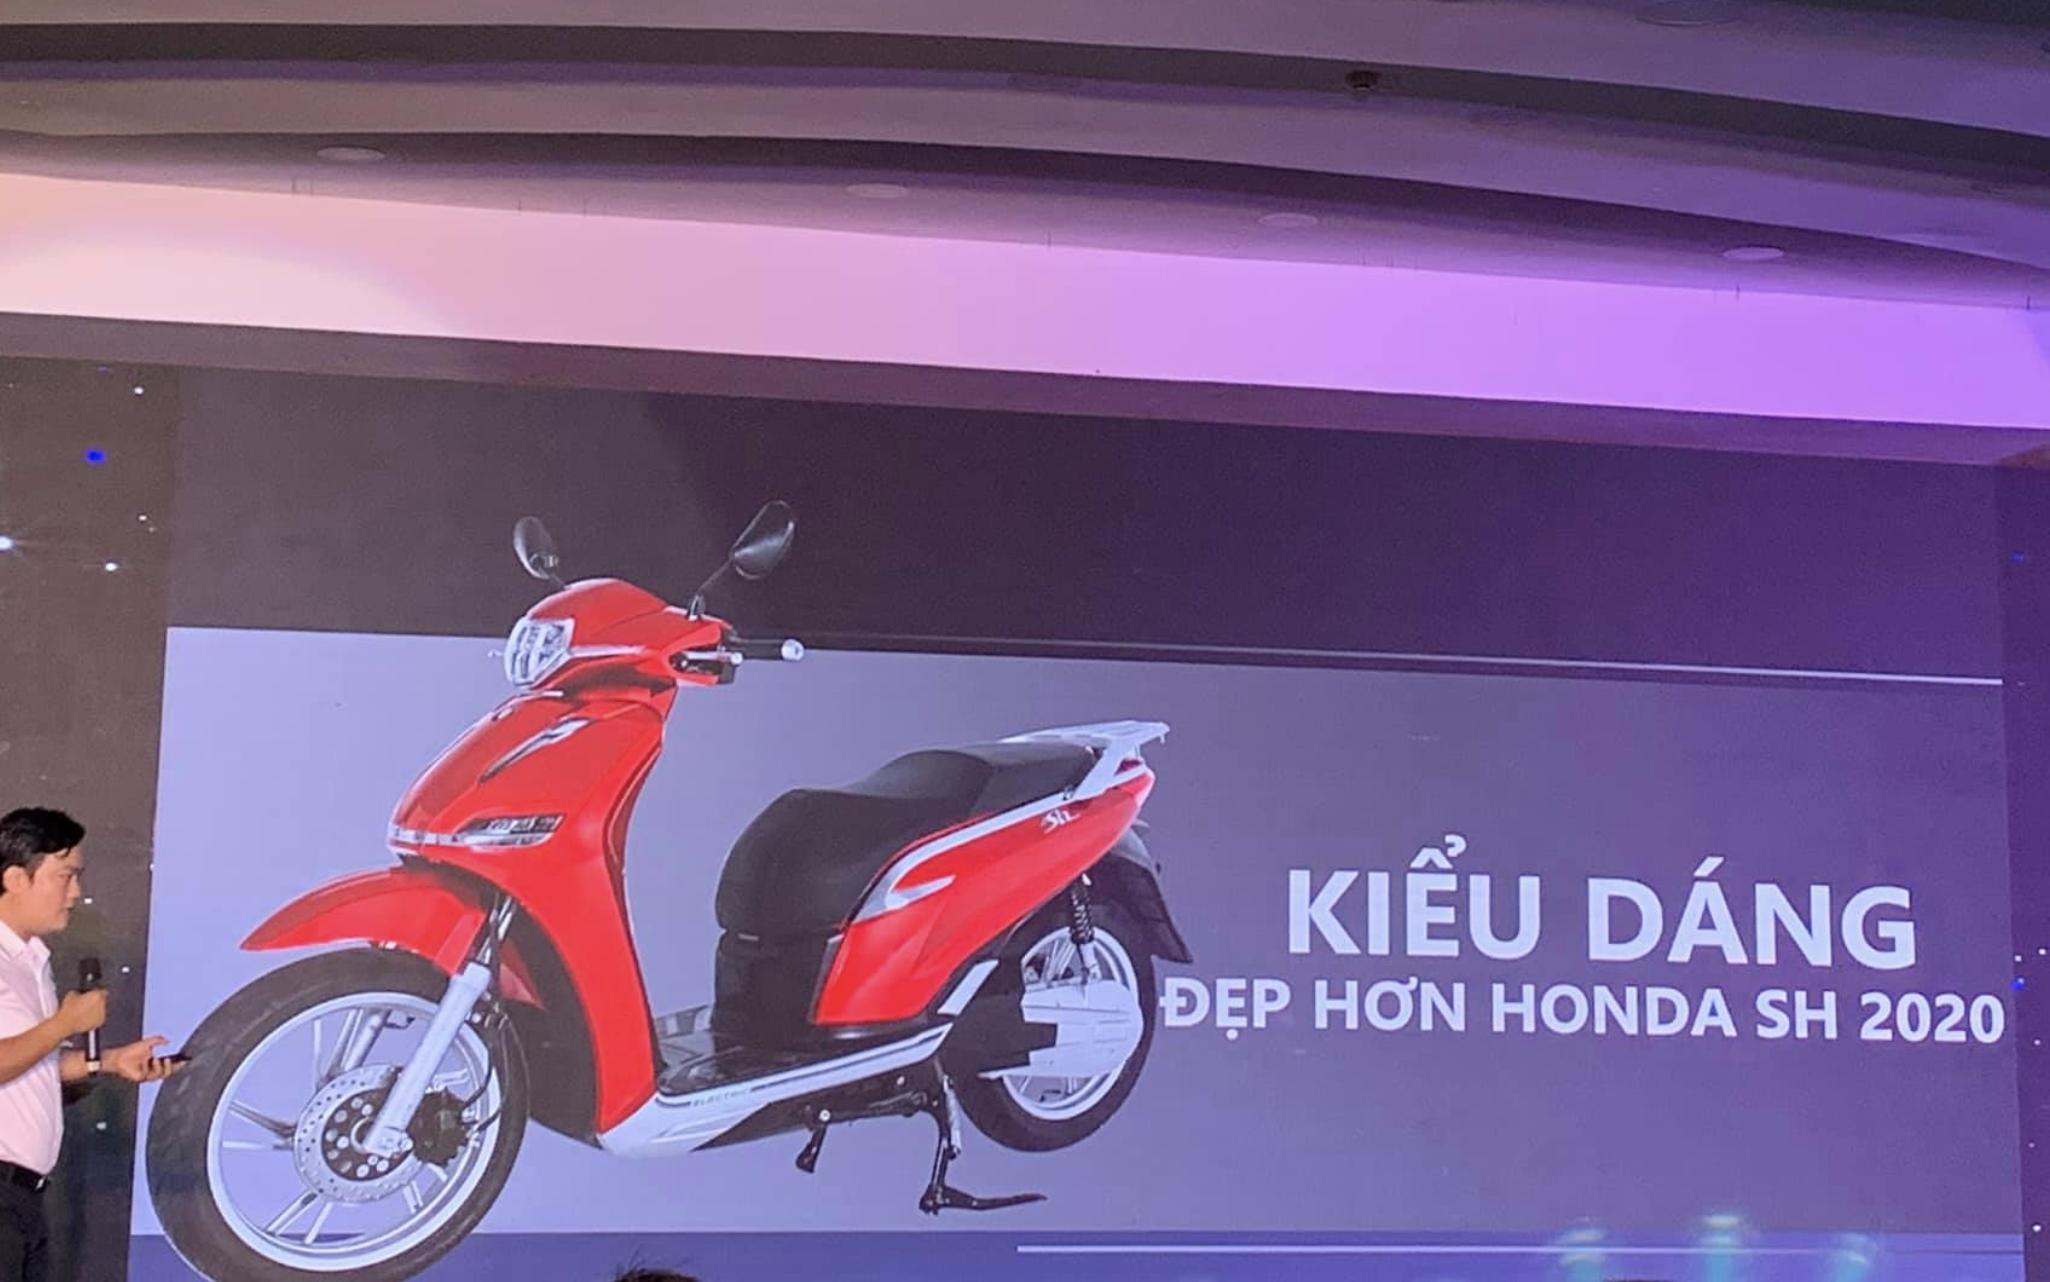 Honda Việt Nam dọa kiện, chủ tịch Pega cho rằng Honda cần 'thức tỉnh' chứ đừng dọa nhau Ảnh 1